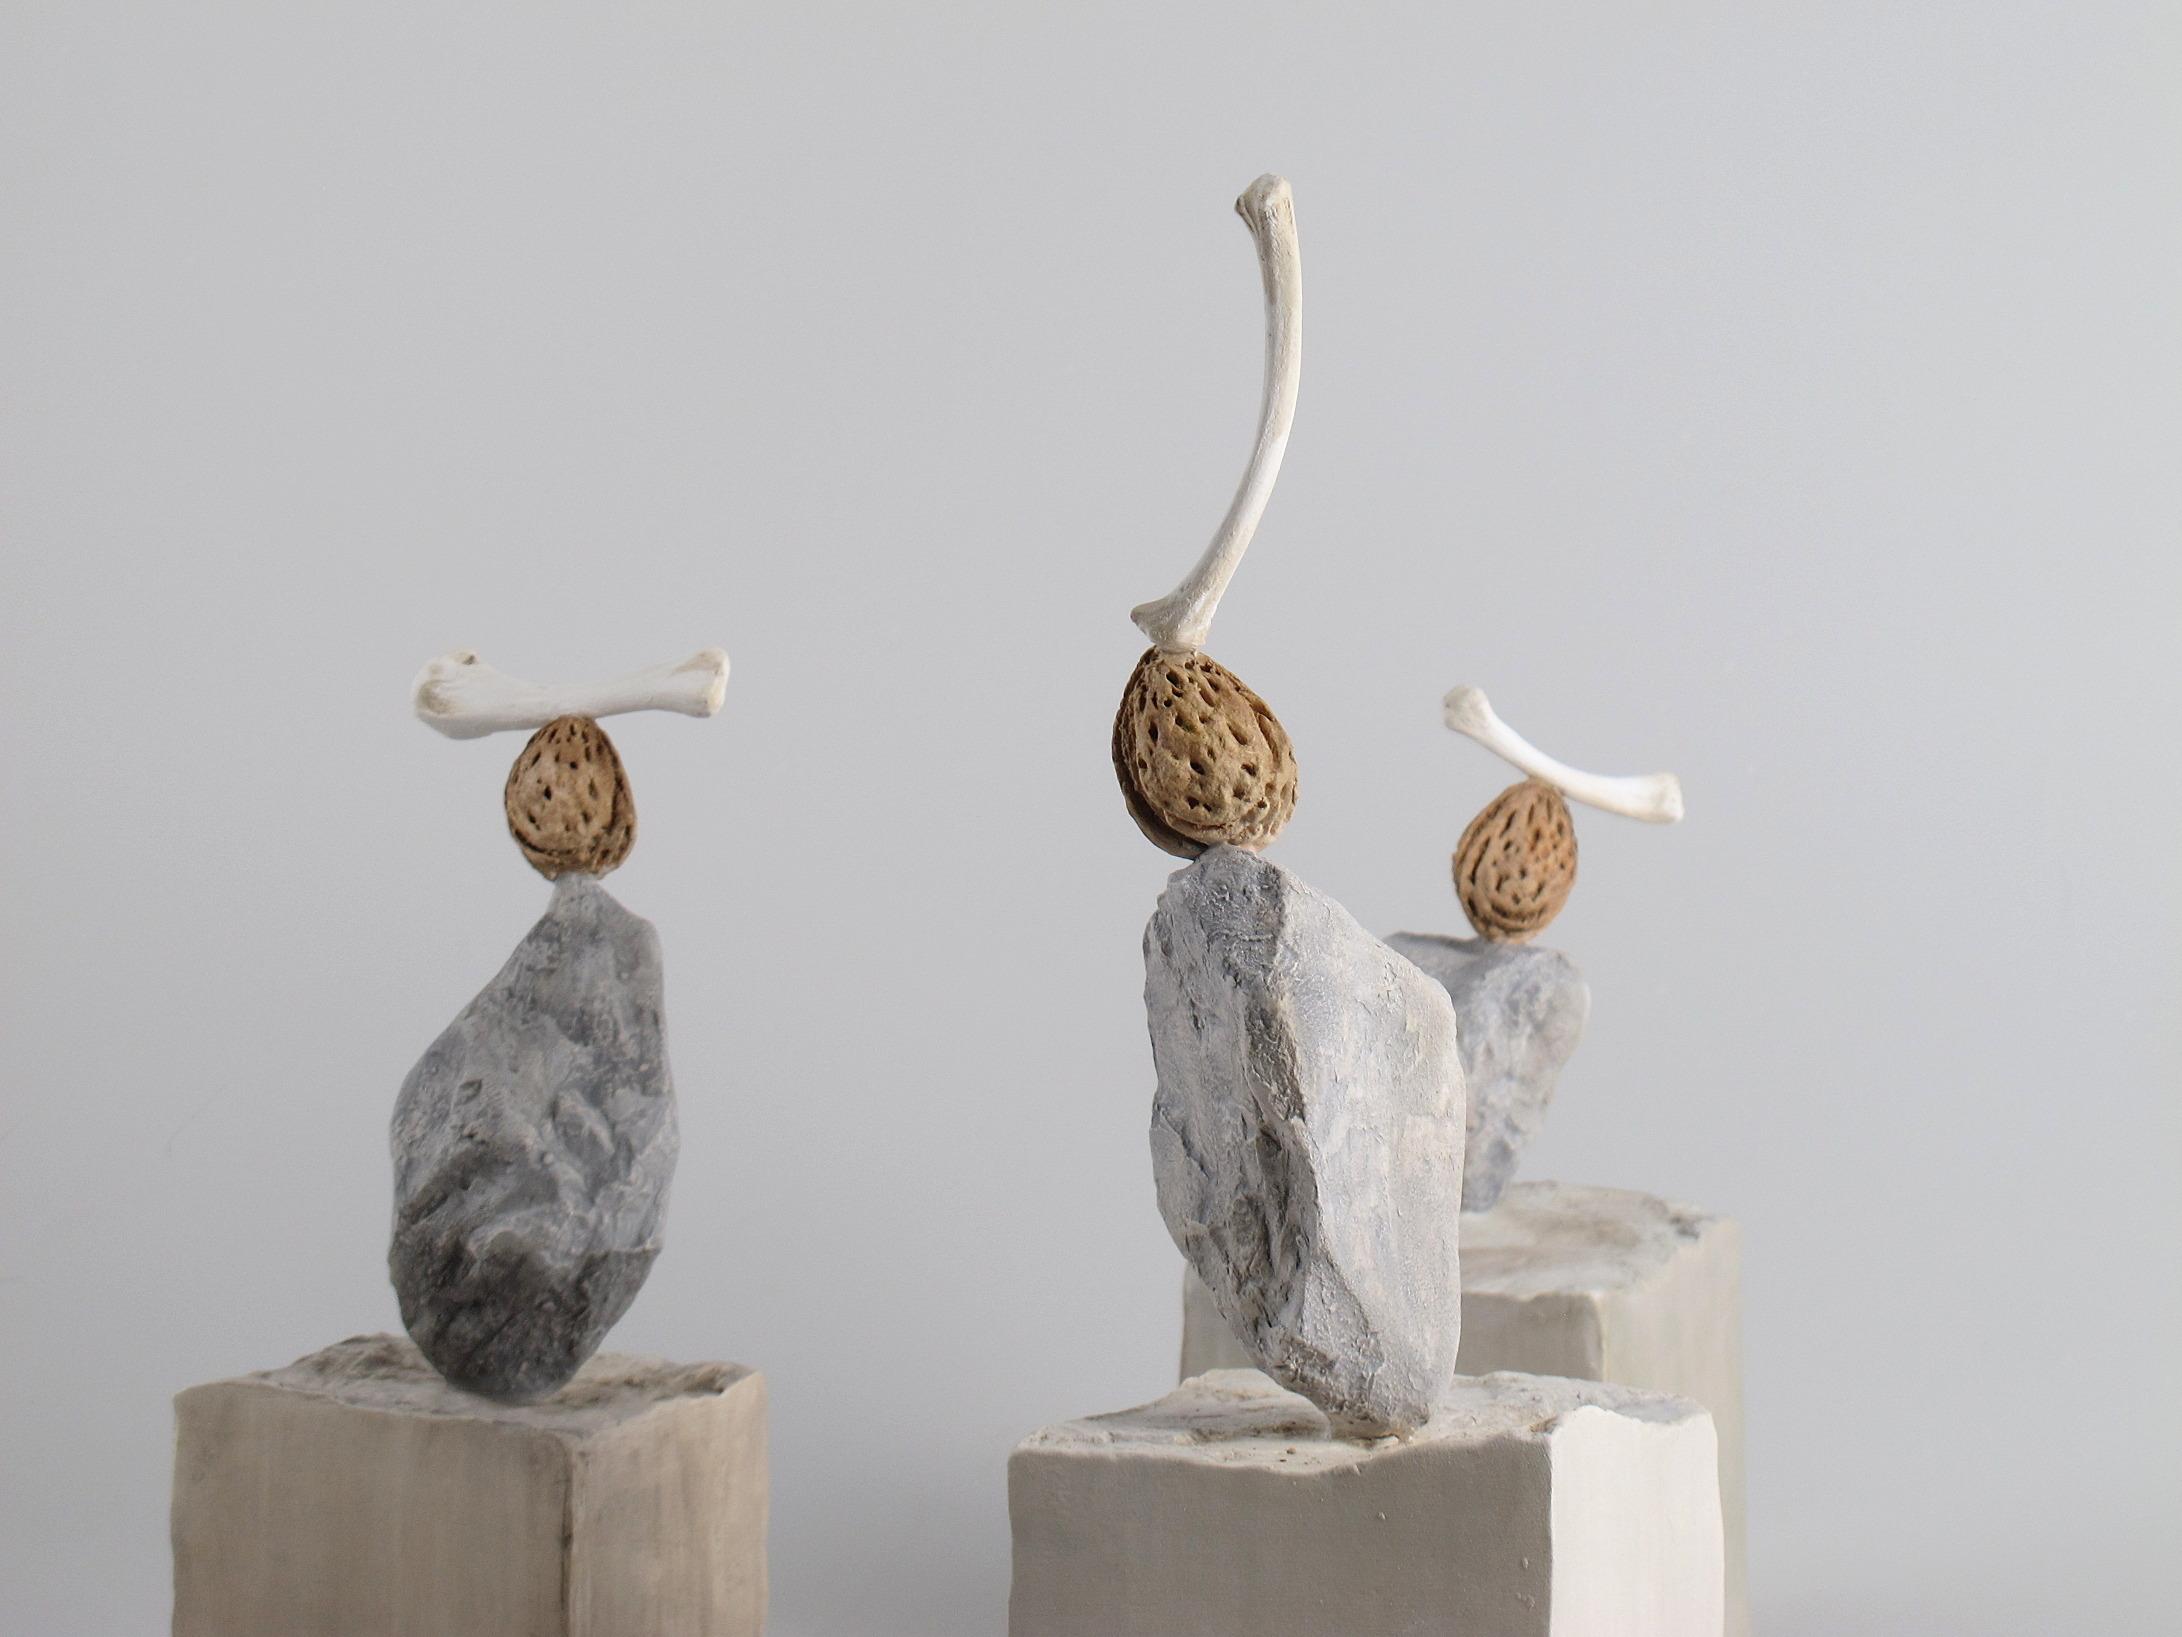 Cosmogonia Minima, Minimal Cosmogony, Caterina Sbrana 2020, vegetal animal minimal equilibrium